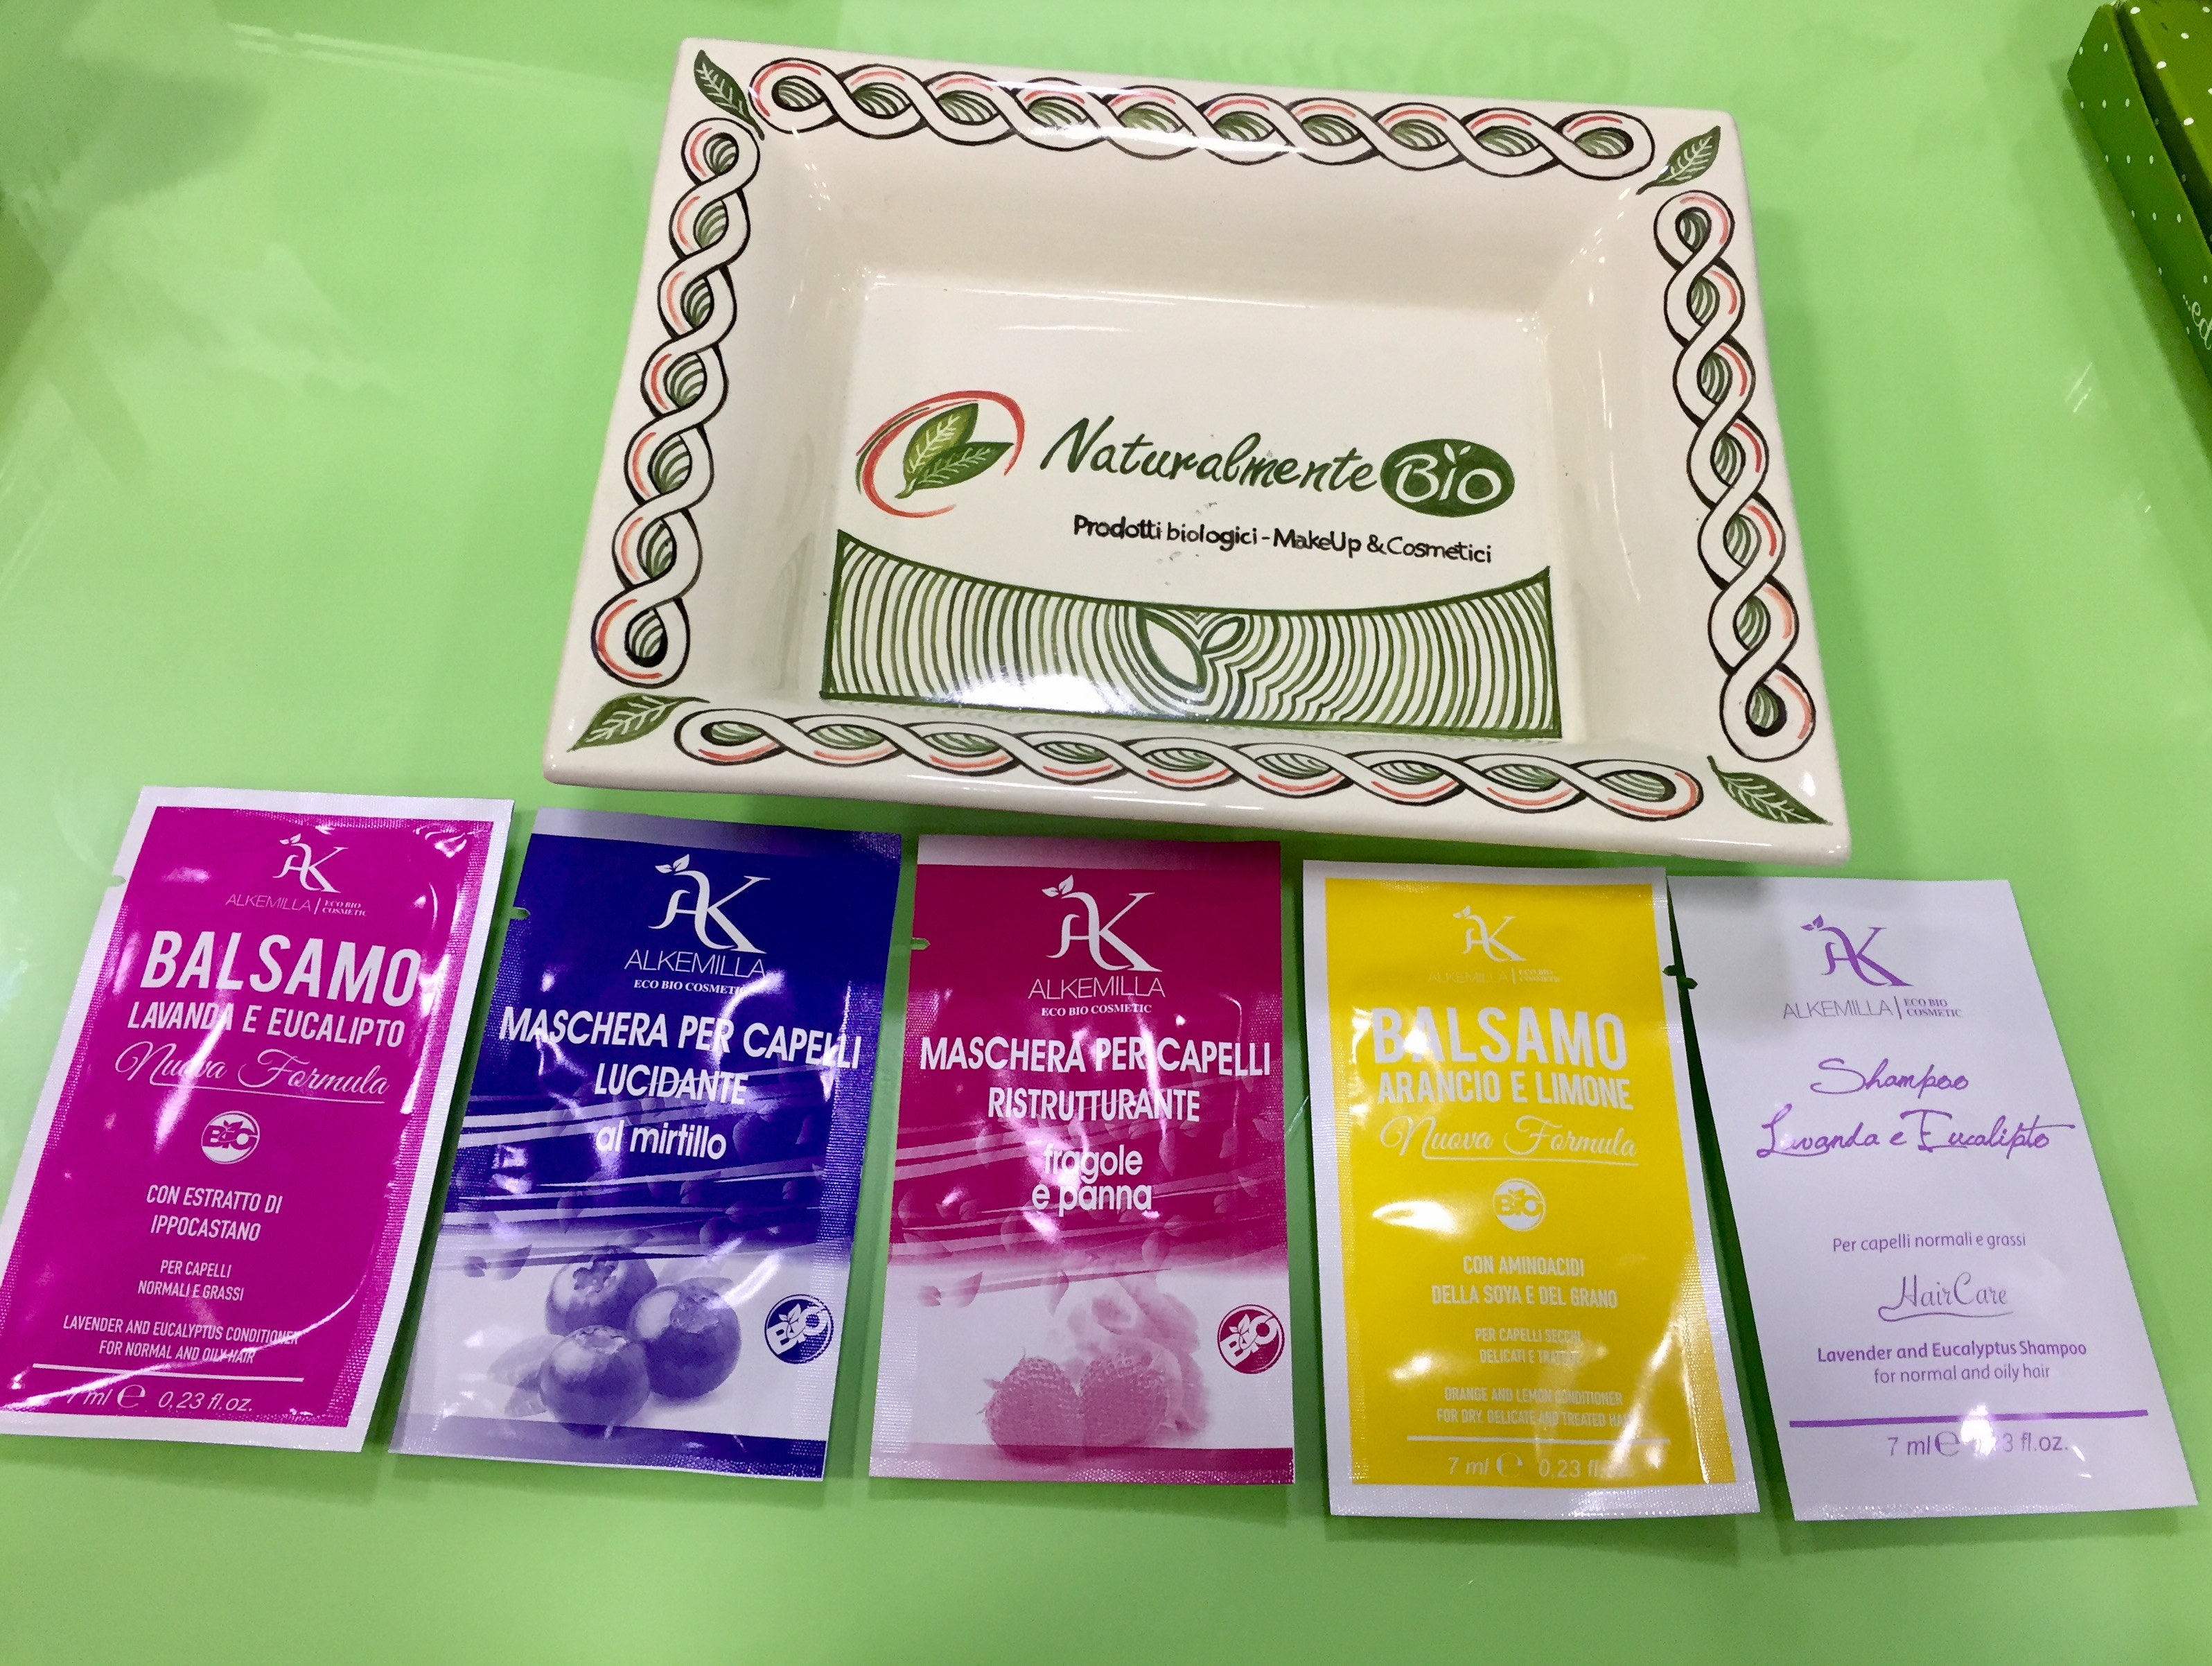 Recensione balsami&maschere Alkemilla: quale scegliere per capelli ricci?